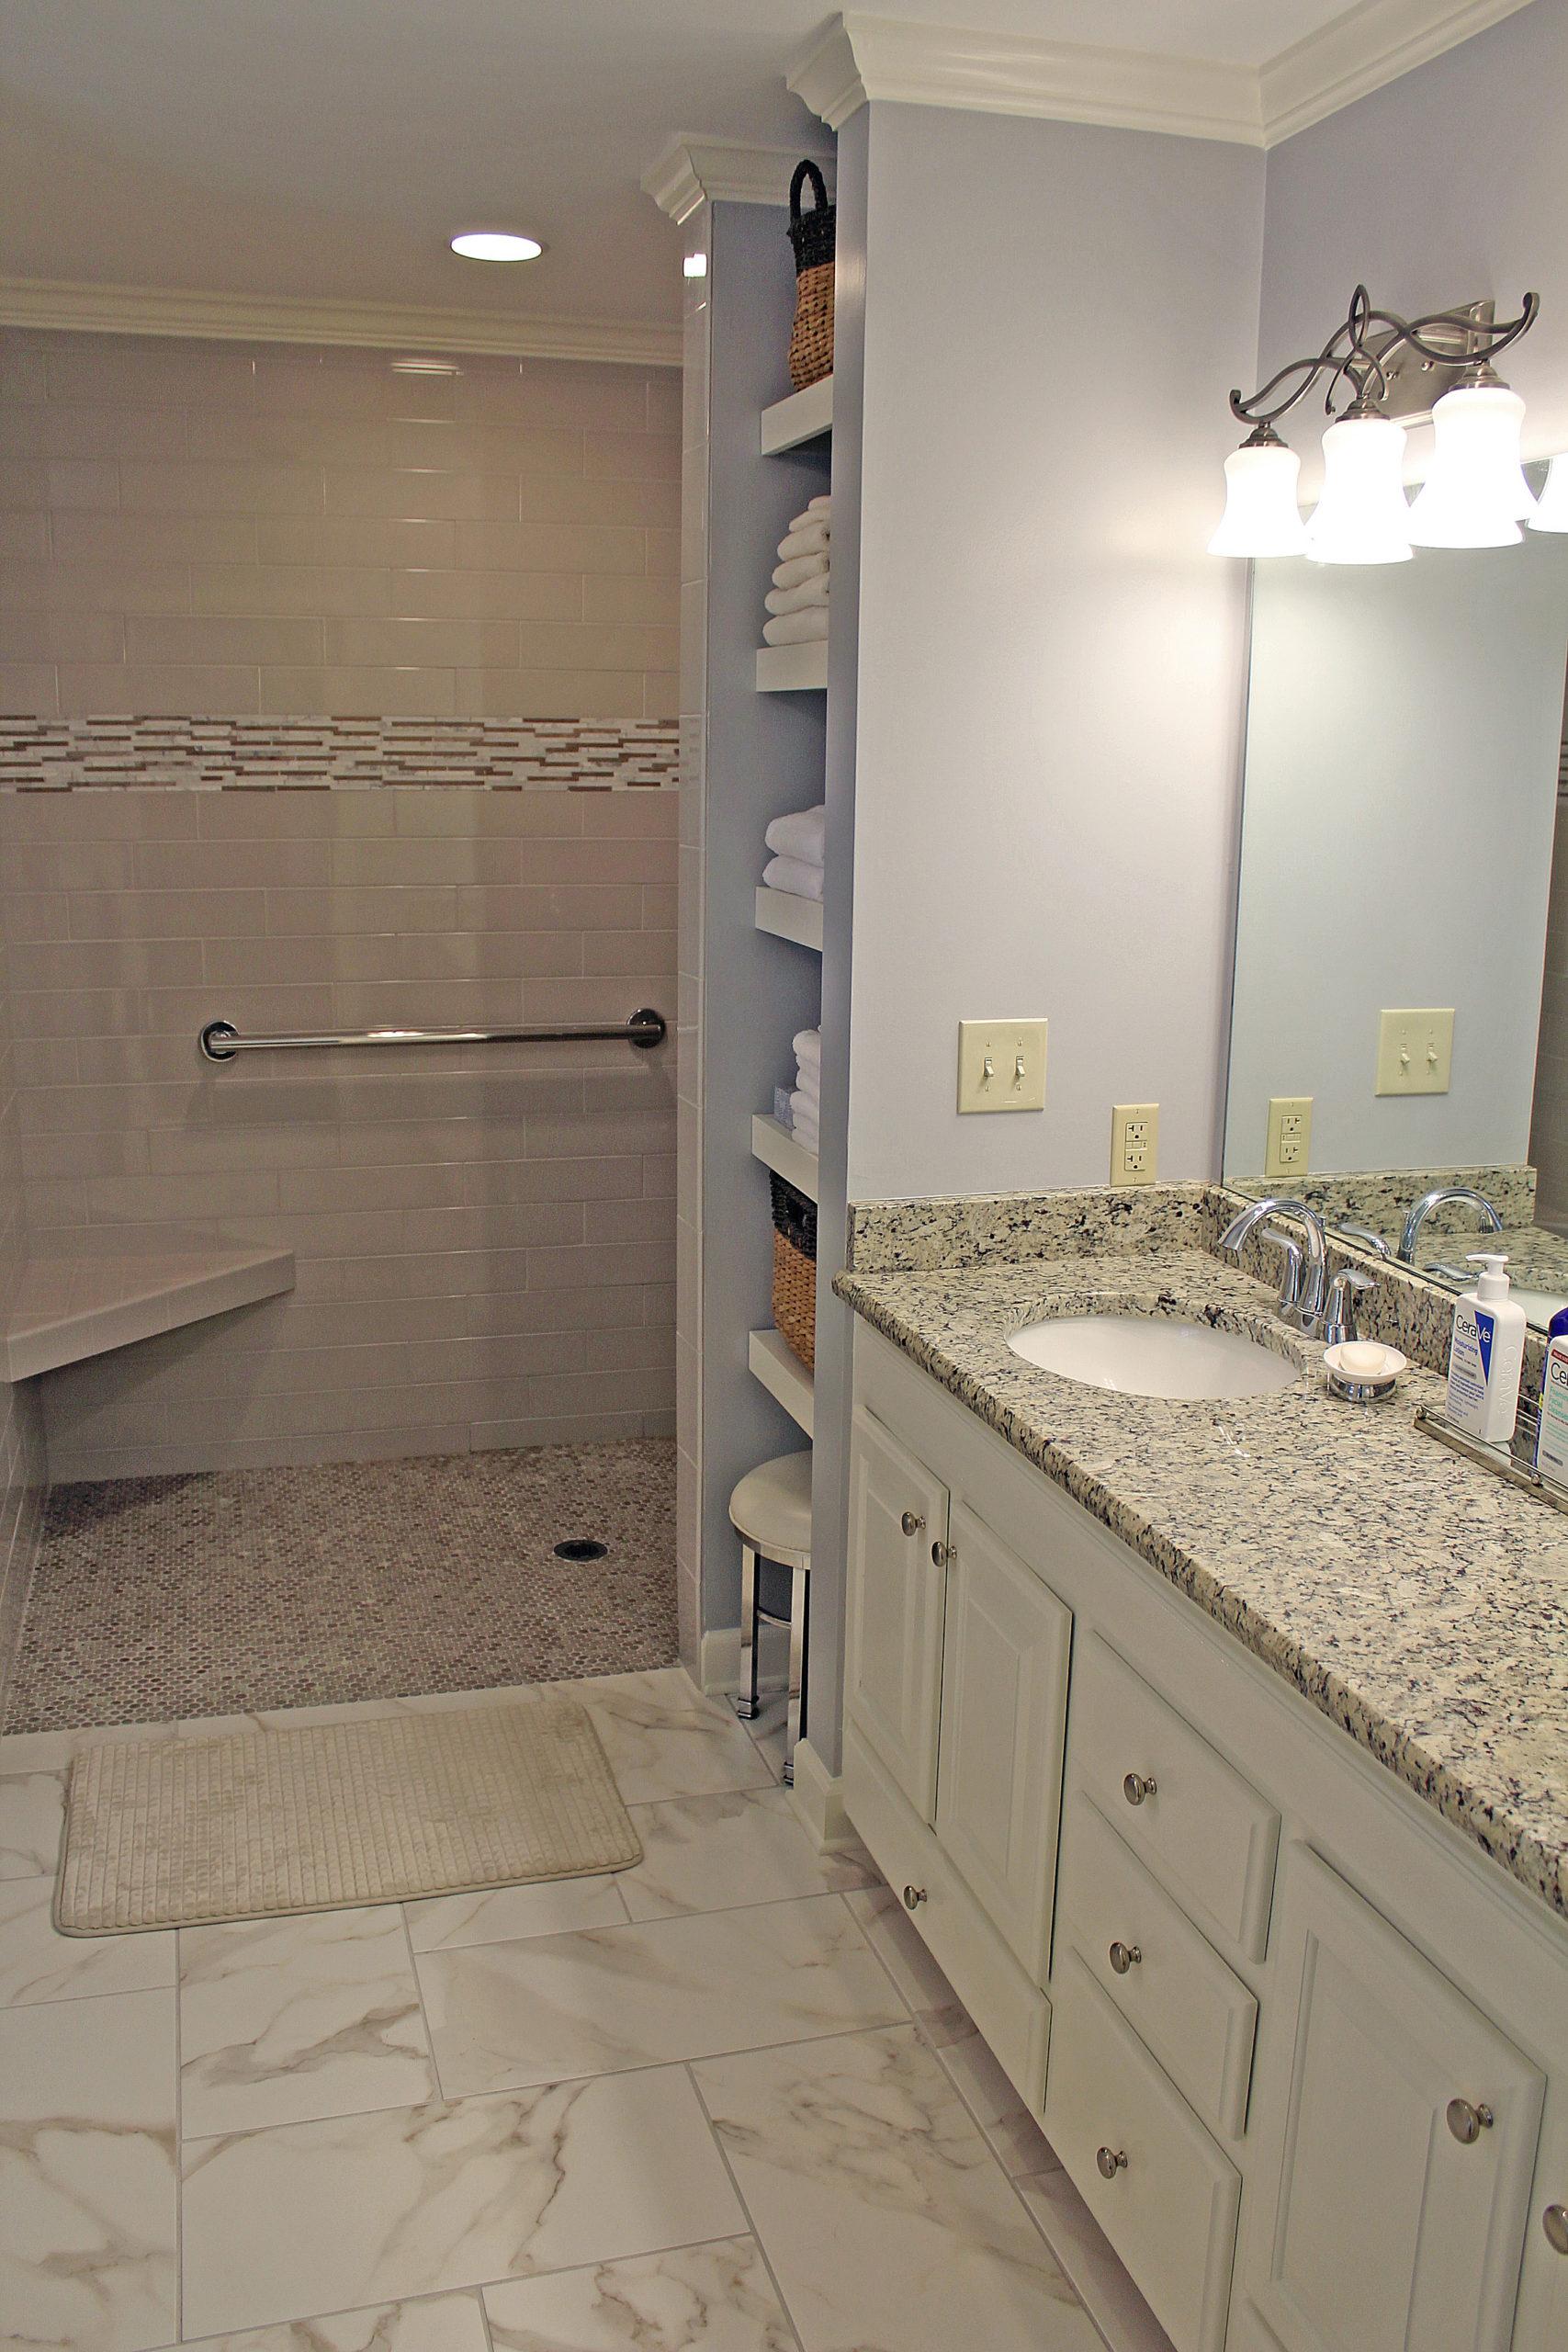 bathroom-remodeling-work-TAG-Builders-108-AD-Bathroom-Remodel-1-scaled